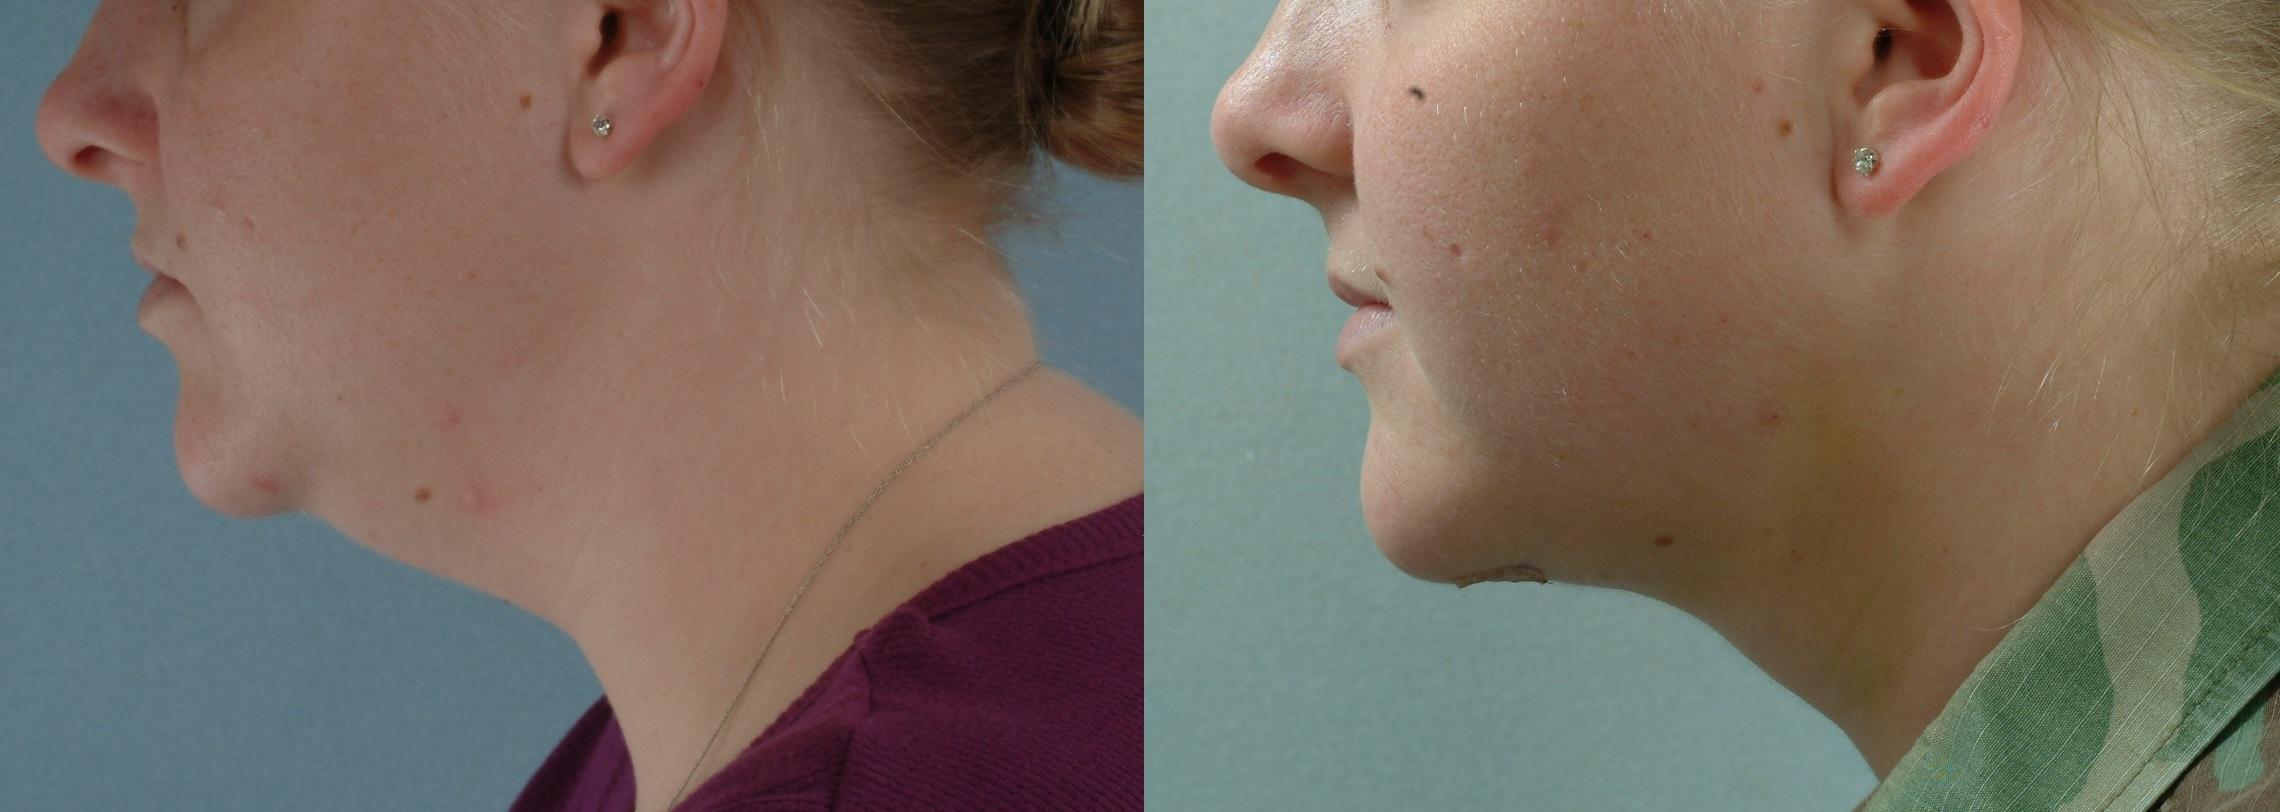 neck-treatments-2